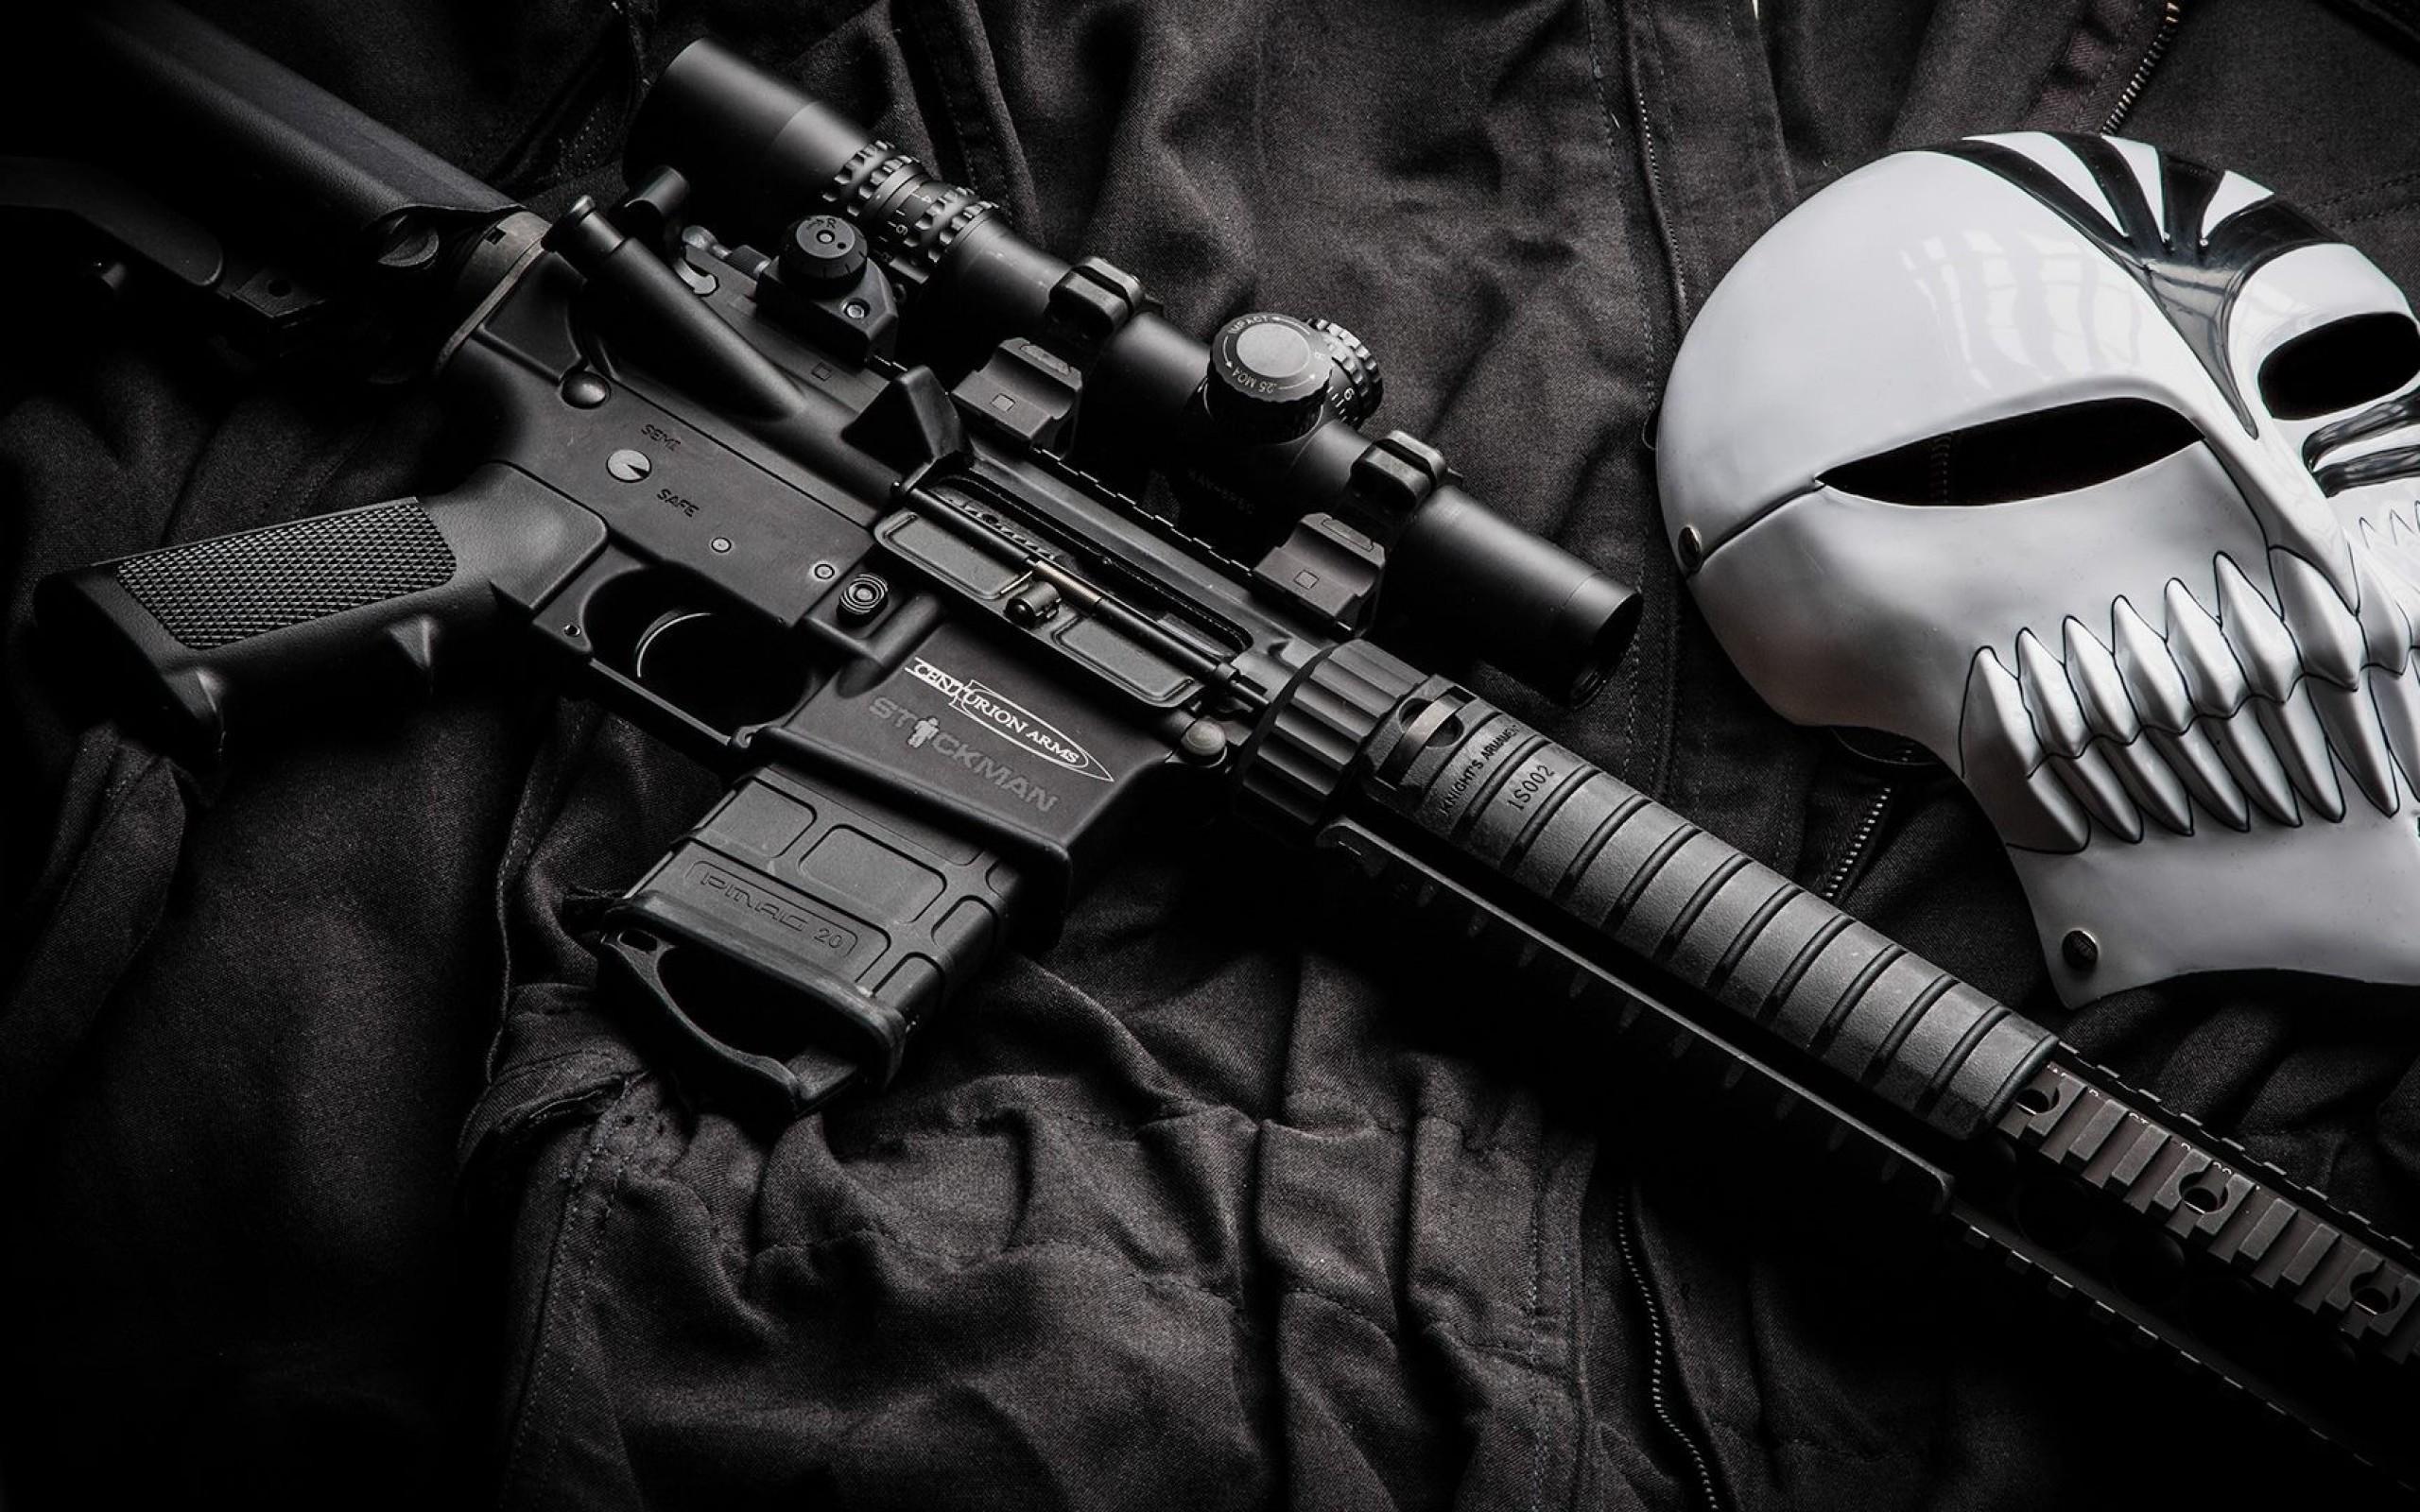 guns bleach weapons masks ar15 hollow mask 1920×1080 wallpaper Wallpaper HD